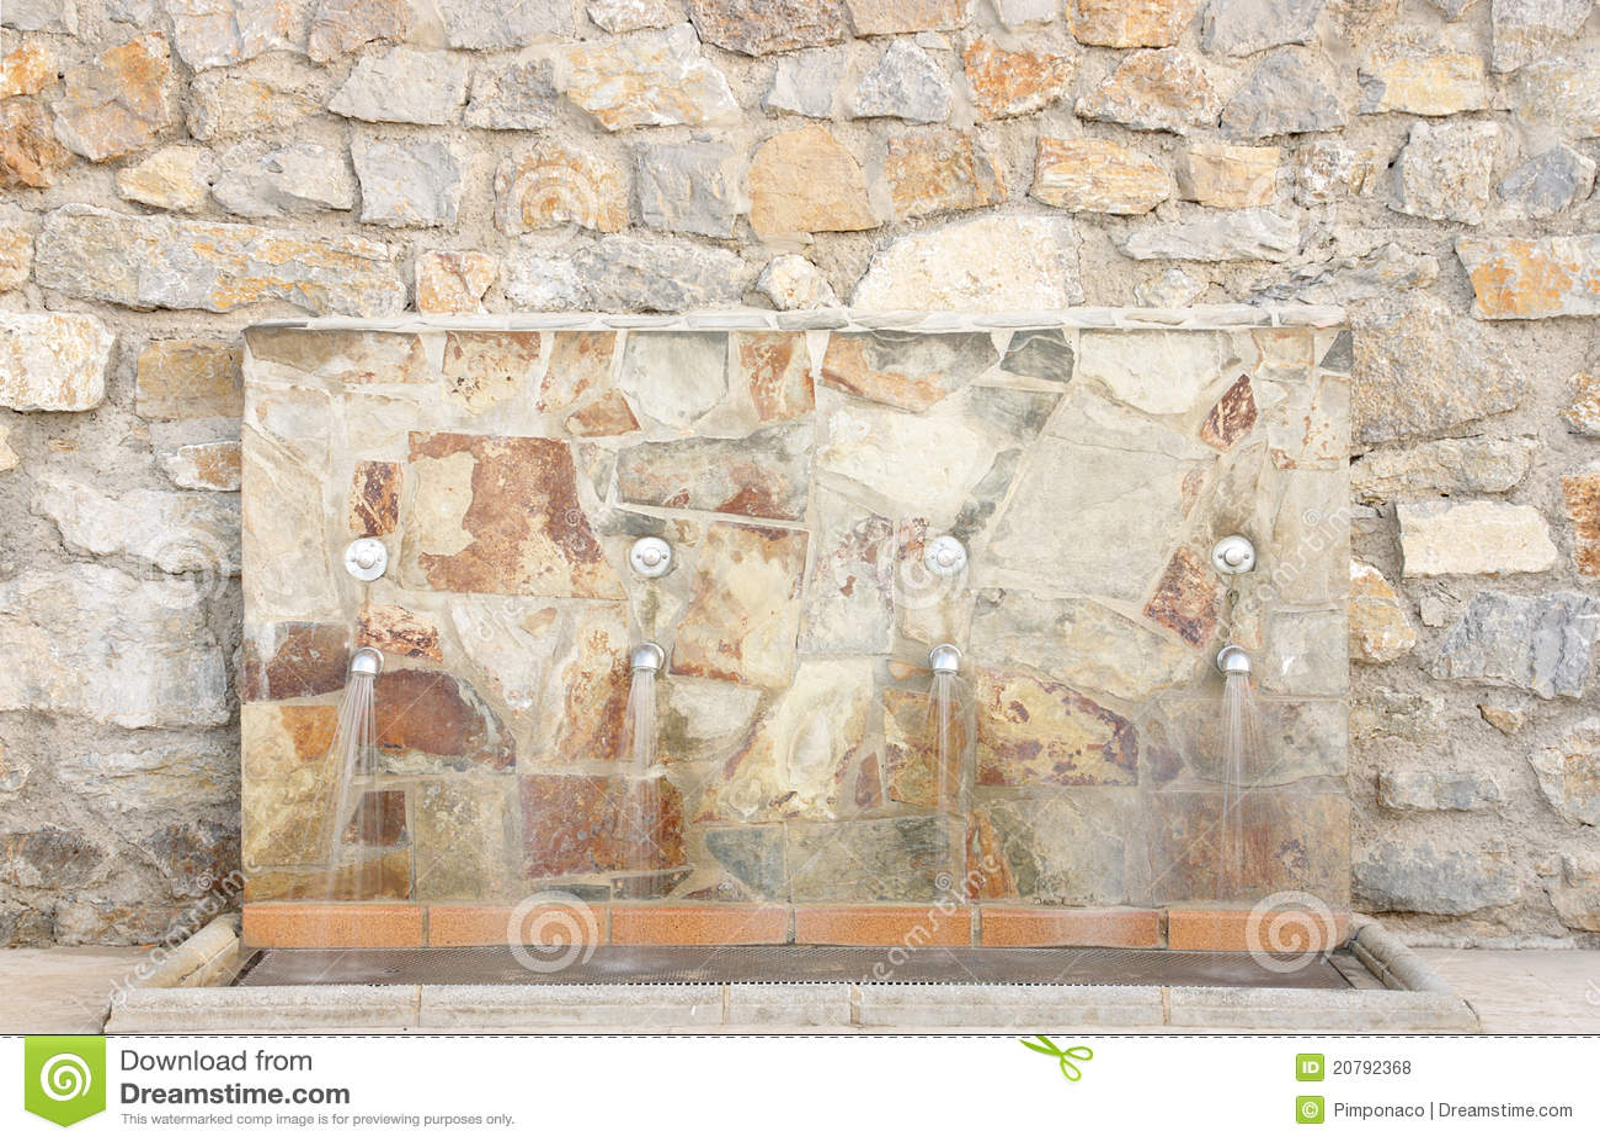 Fuente de agua en la pared de la piedra fotos de archivo libres de regal as imagen 20792368 - Fuentes de pared de piedra ...